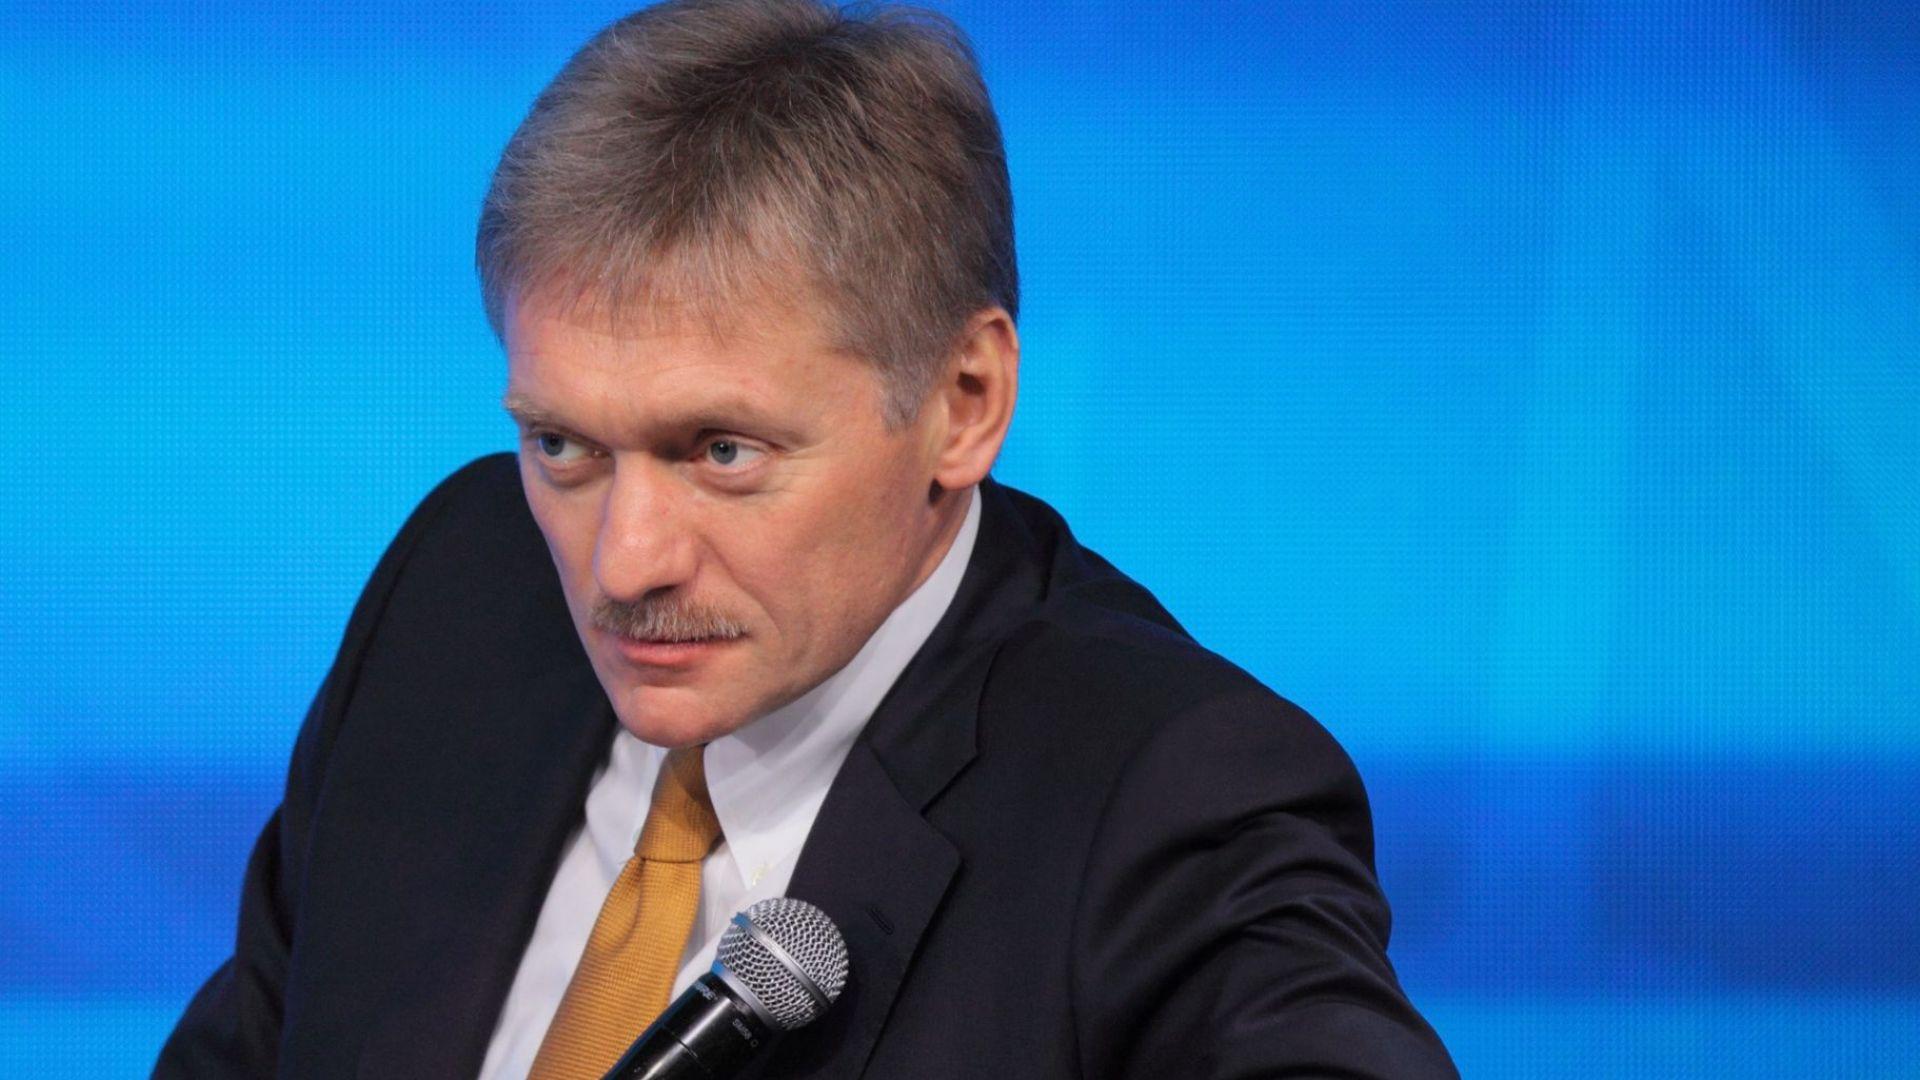 Кремъл: Хаотичните решения от САЩ  усложняват международната обстановка